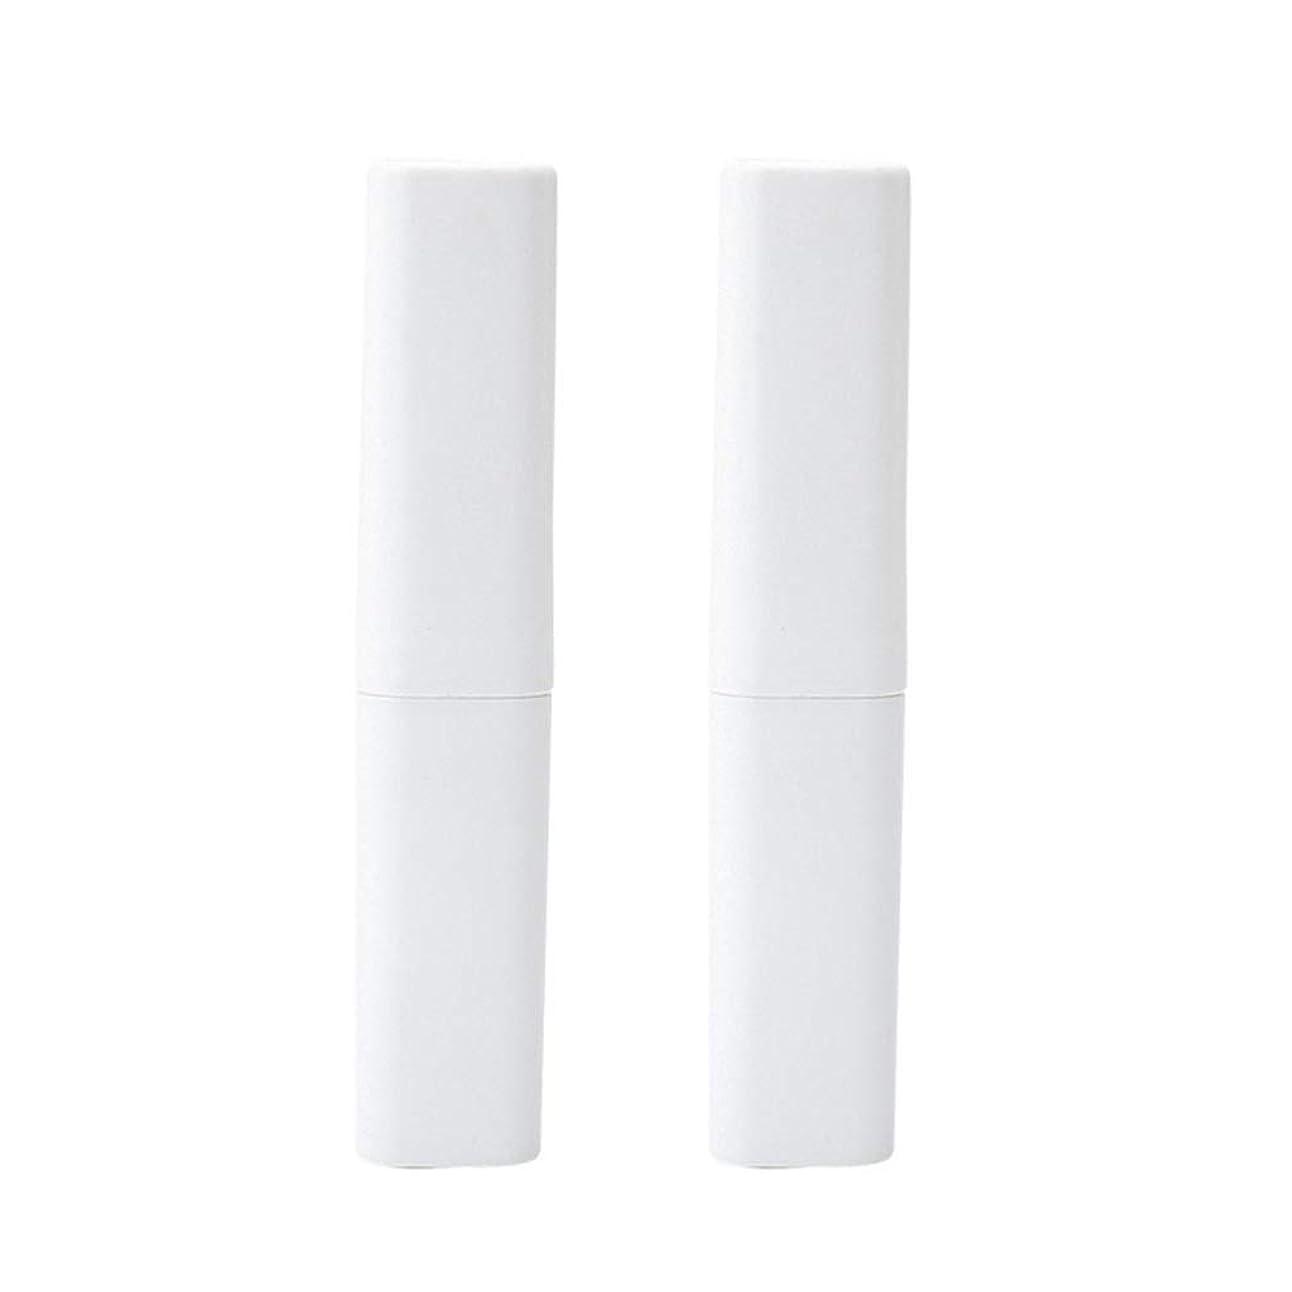 エレベーター十二達成Healifty 2ピース歯ブラシ旅行コンテナープラスチックケースポータブル屋外歯磨きブラシボックスキャンプ屋外ハイキング用